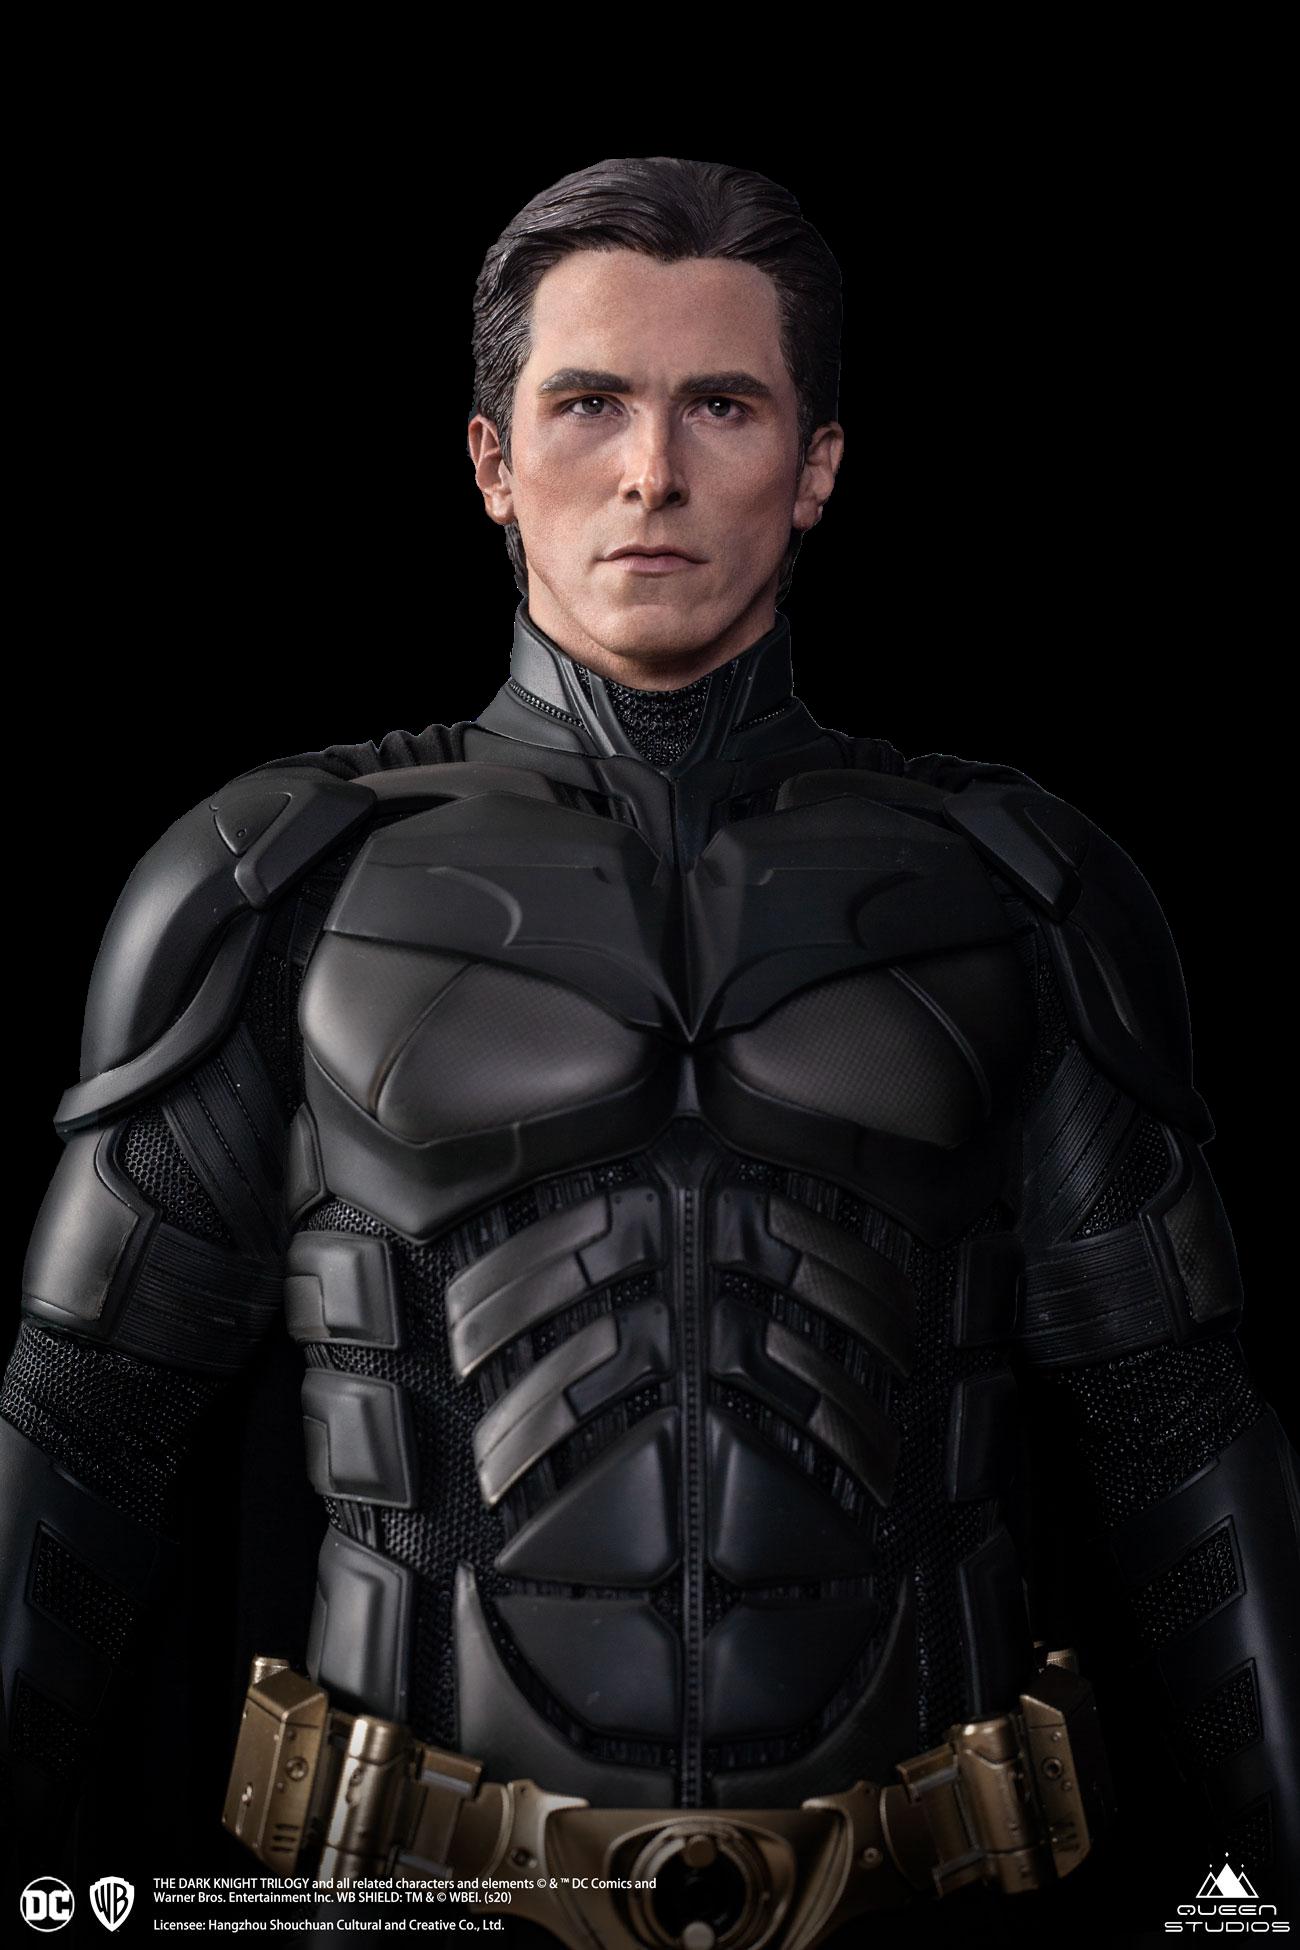 queen-studios-dc-batman-the-dark-knight-batman-1:3-edition-toyslife